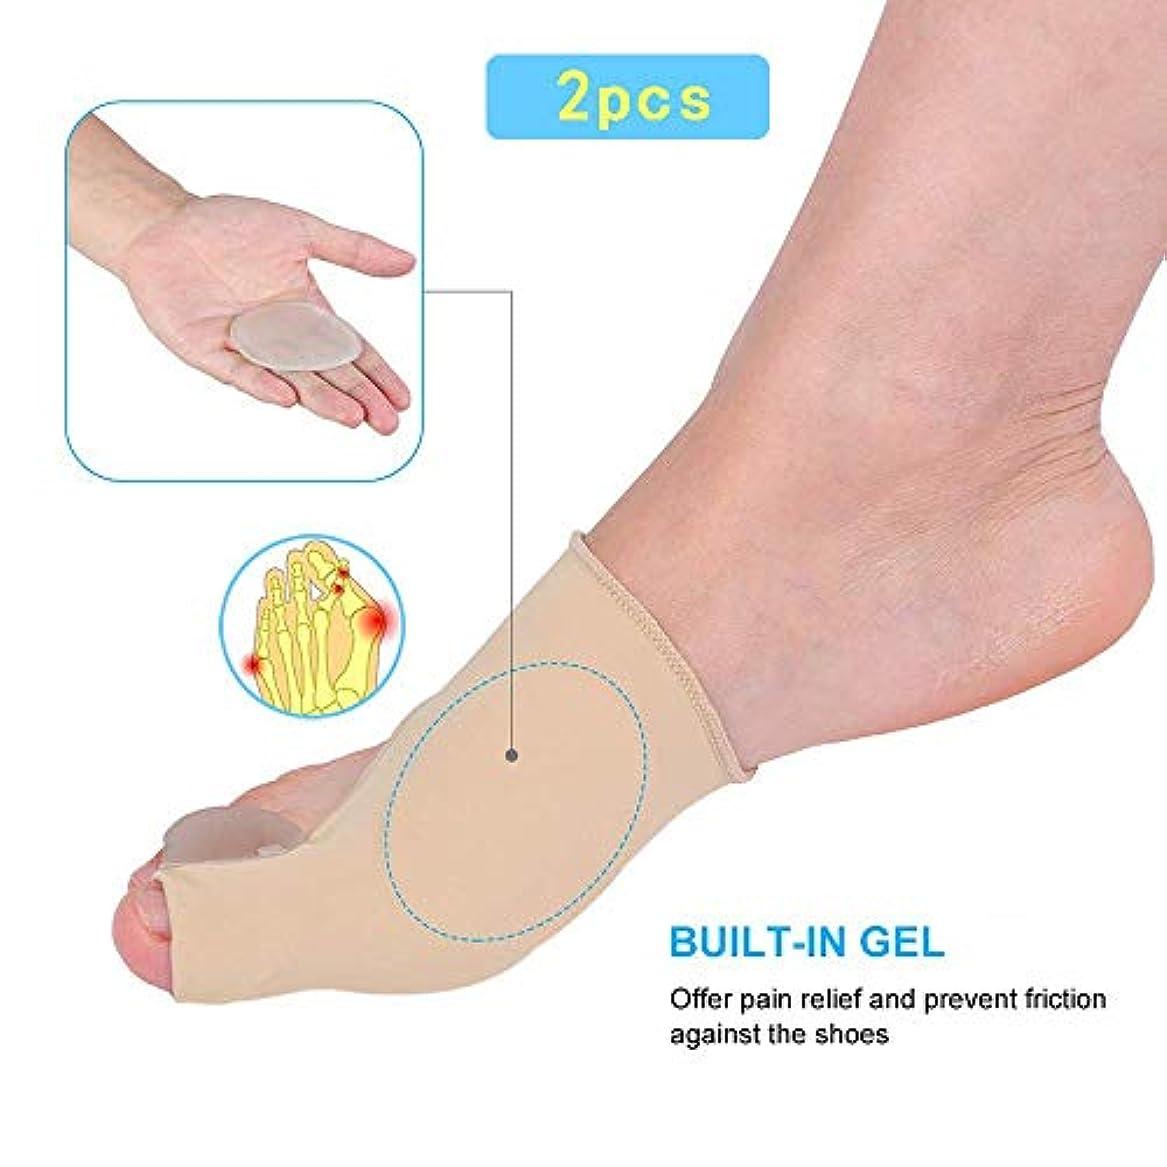 開示するピクニック渦男性用および女性用のシリコンゲルパッドを内蔵した1ペアの腱膜瘤矯正用足先矯正腱膜リリーフスリーブより快適な歩行(アプリコットカラー)